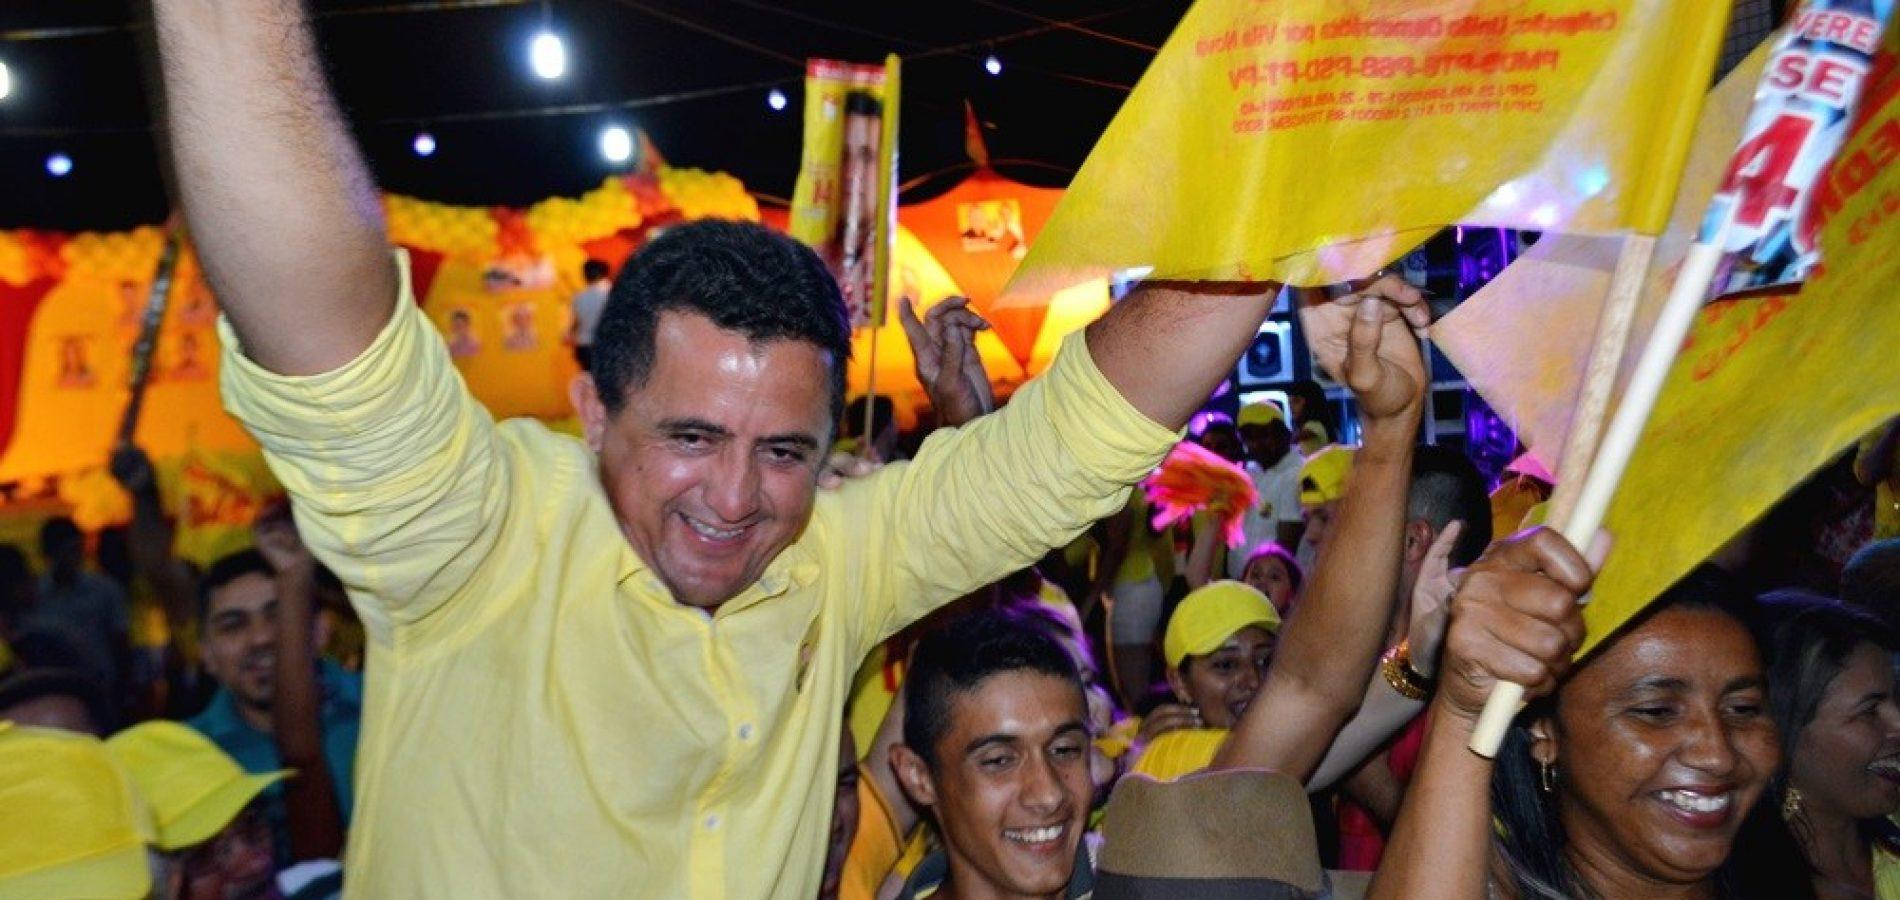 Com 219 votos Roberto Moura foi reeleito vereador  mais bem votado em Vila Nova do Piauí